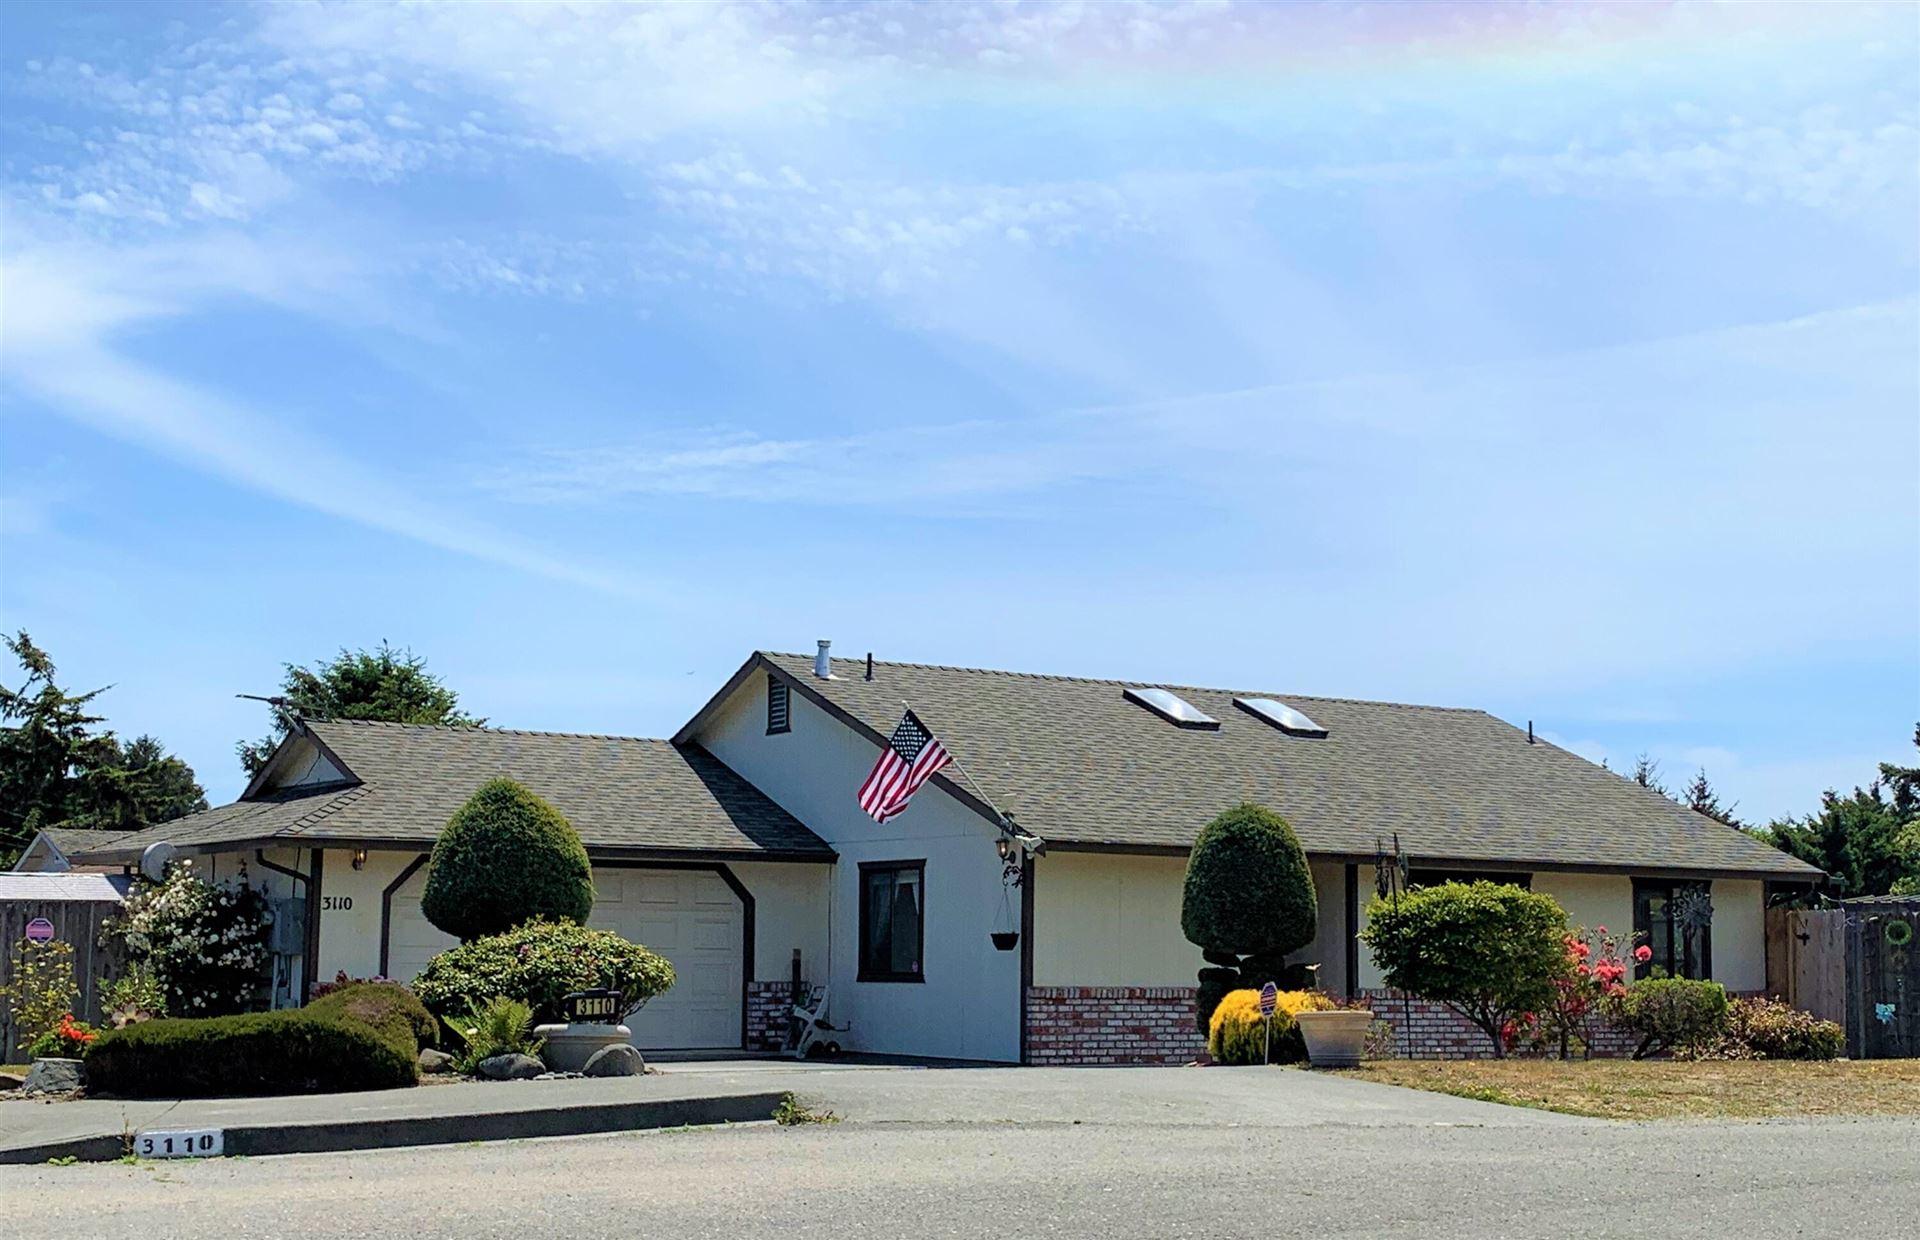 3110 Halfway Avenue, McKinleyville, CA 95519 - MLS#: 259329